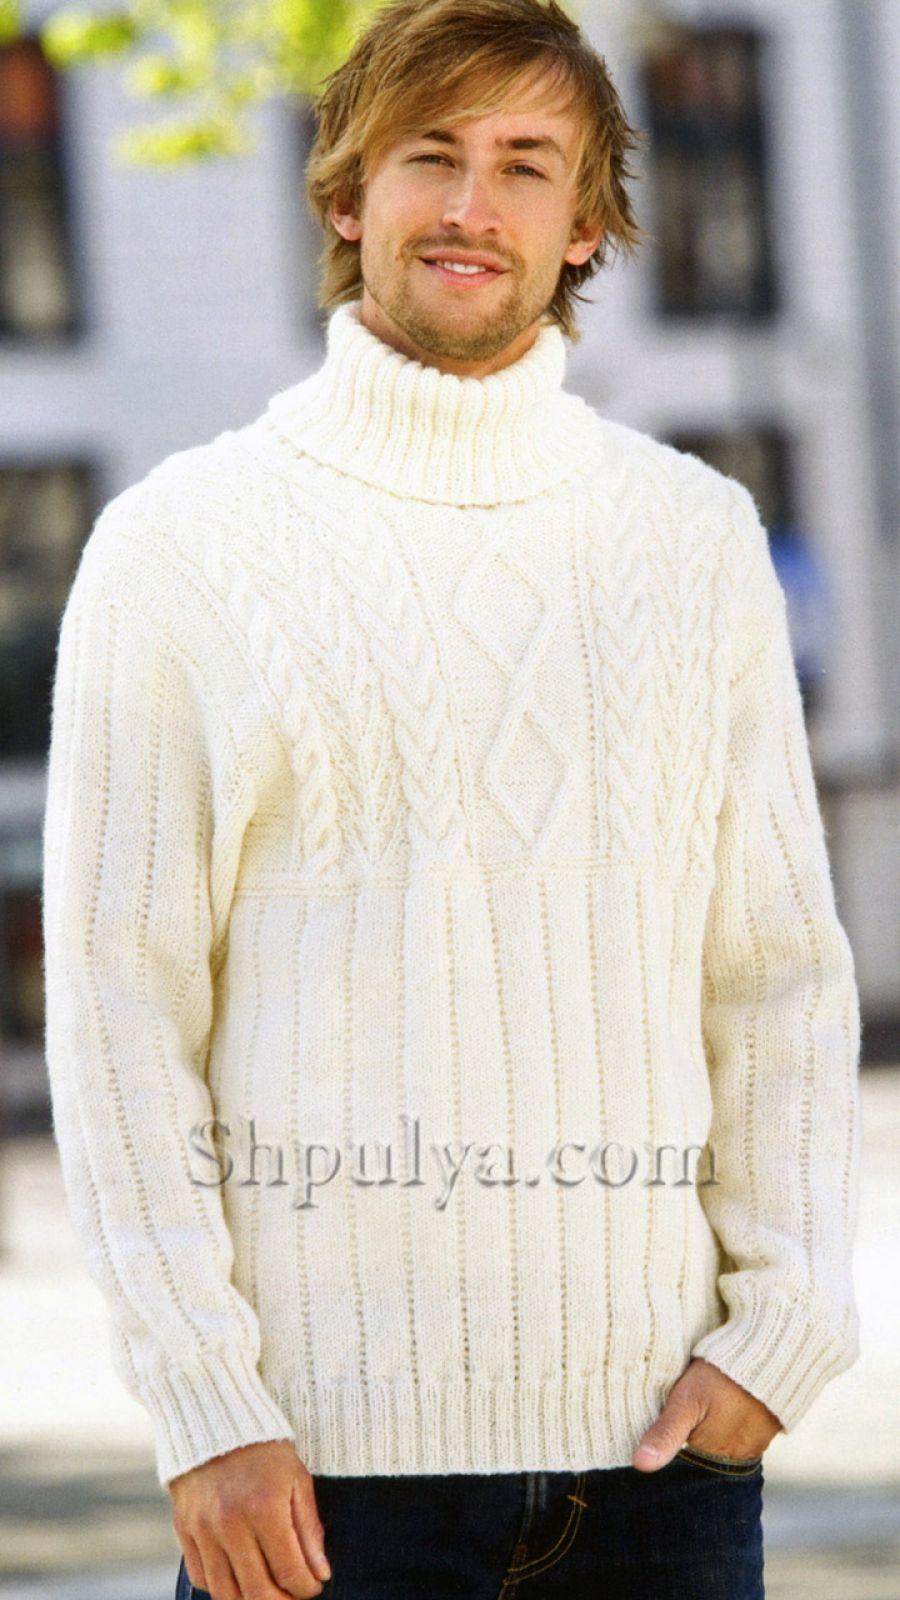 1f8fdda70a93 www.SHPULYA.com - Мужской белый свитер, вязаный спицами | вязание ...